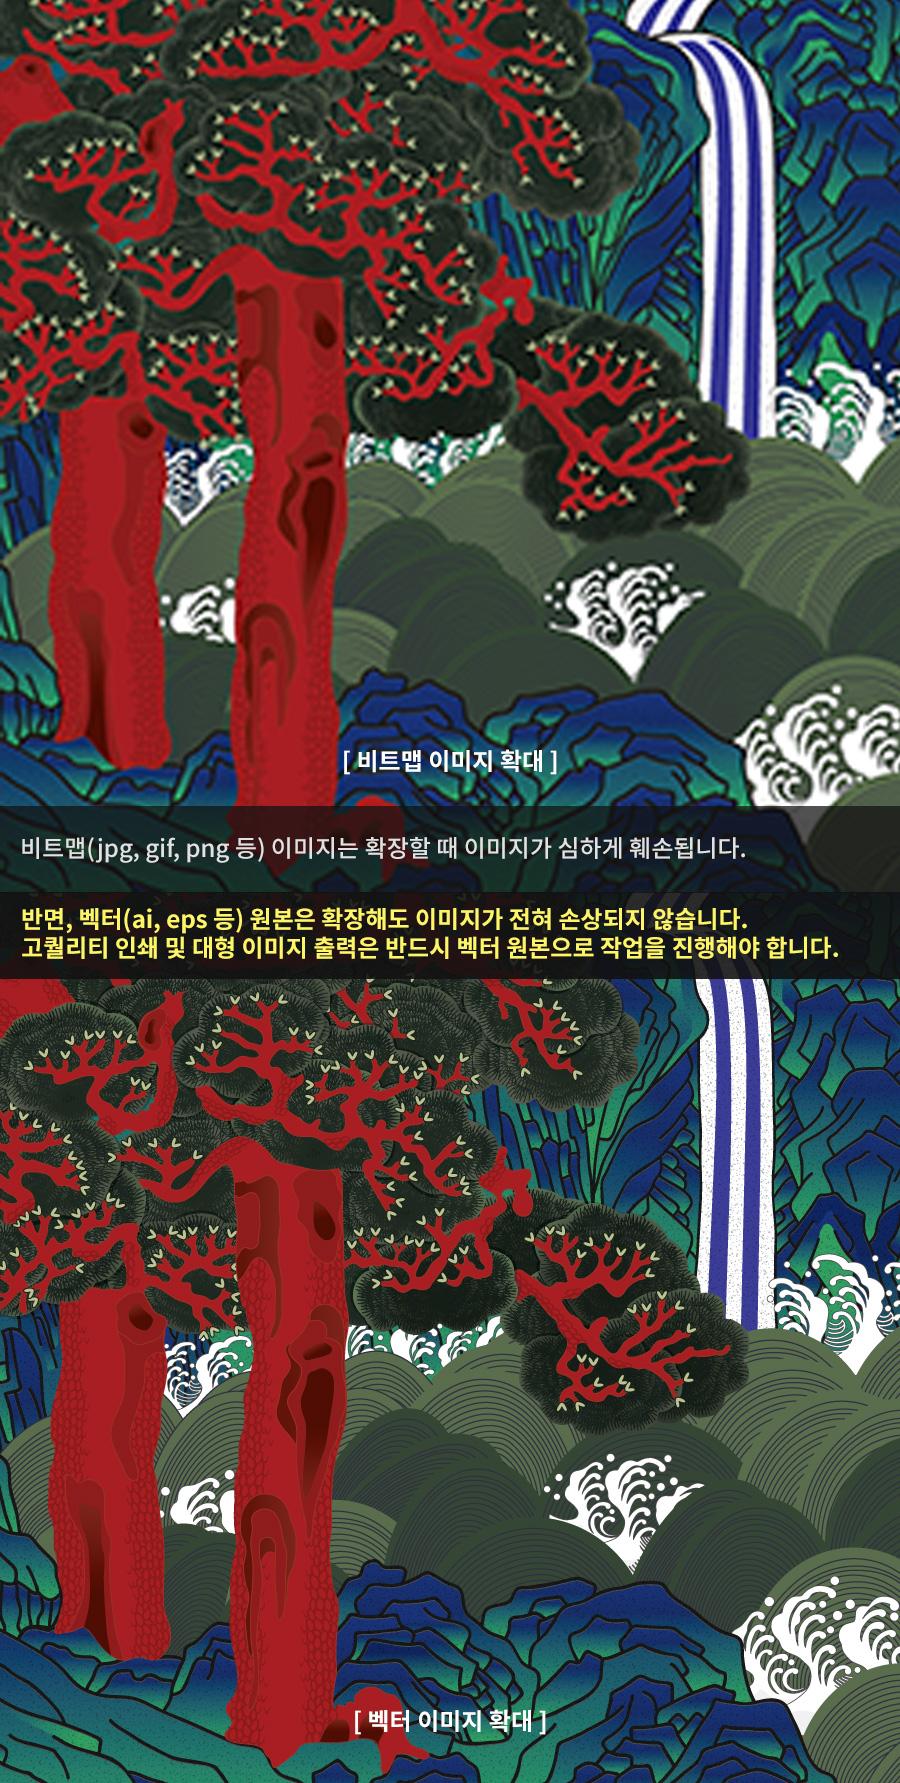 korea_art06.jpg